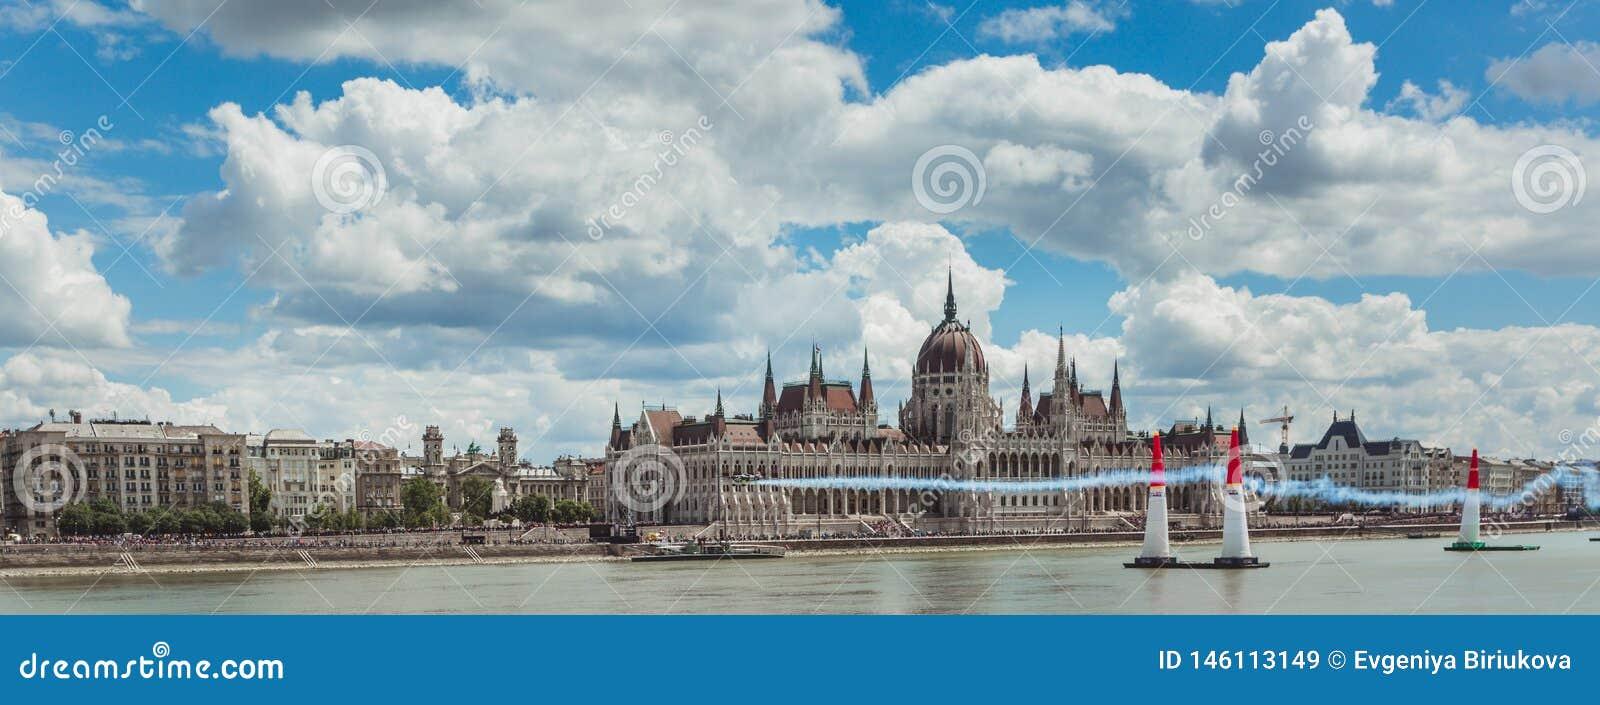 ΒΟΥΔΑΠΕΣΤΗ, ΟΥΓΓΑΡΙΑ, ΣΤΙΣ 24 ΙΟΥΝΊΟΥ - 2018 - φυλή αεροπλοΐα του Red Bull στο κέντρο της πρωτεύουσας Βουδαπέστη, Ουγγαρία